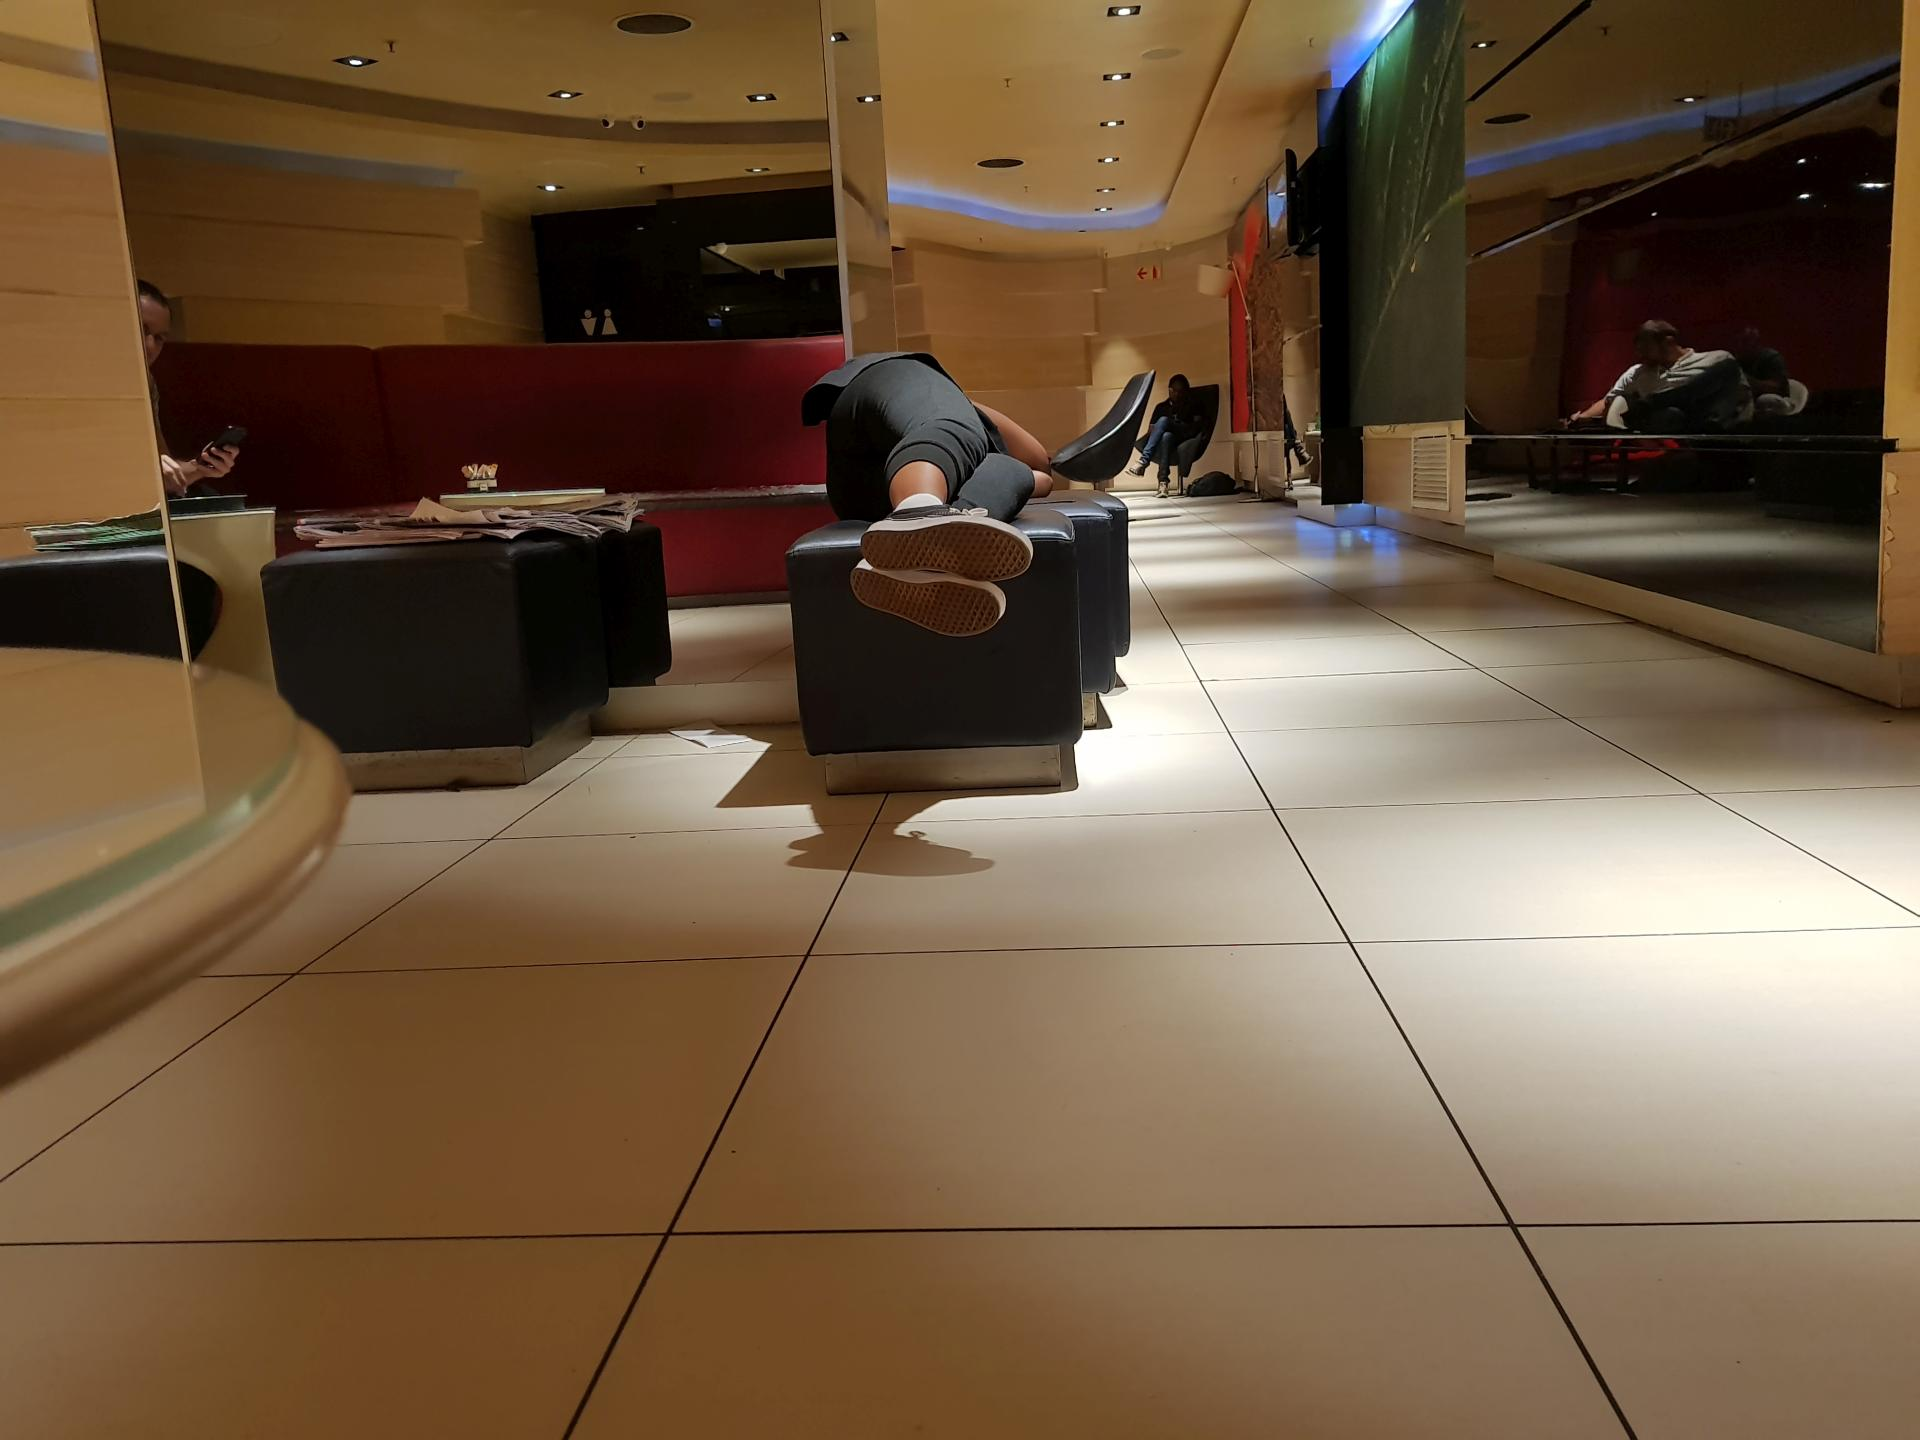 комната для курения в аэропорту Йоханнесбурга